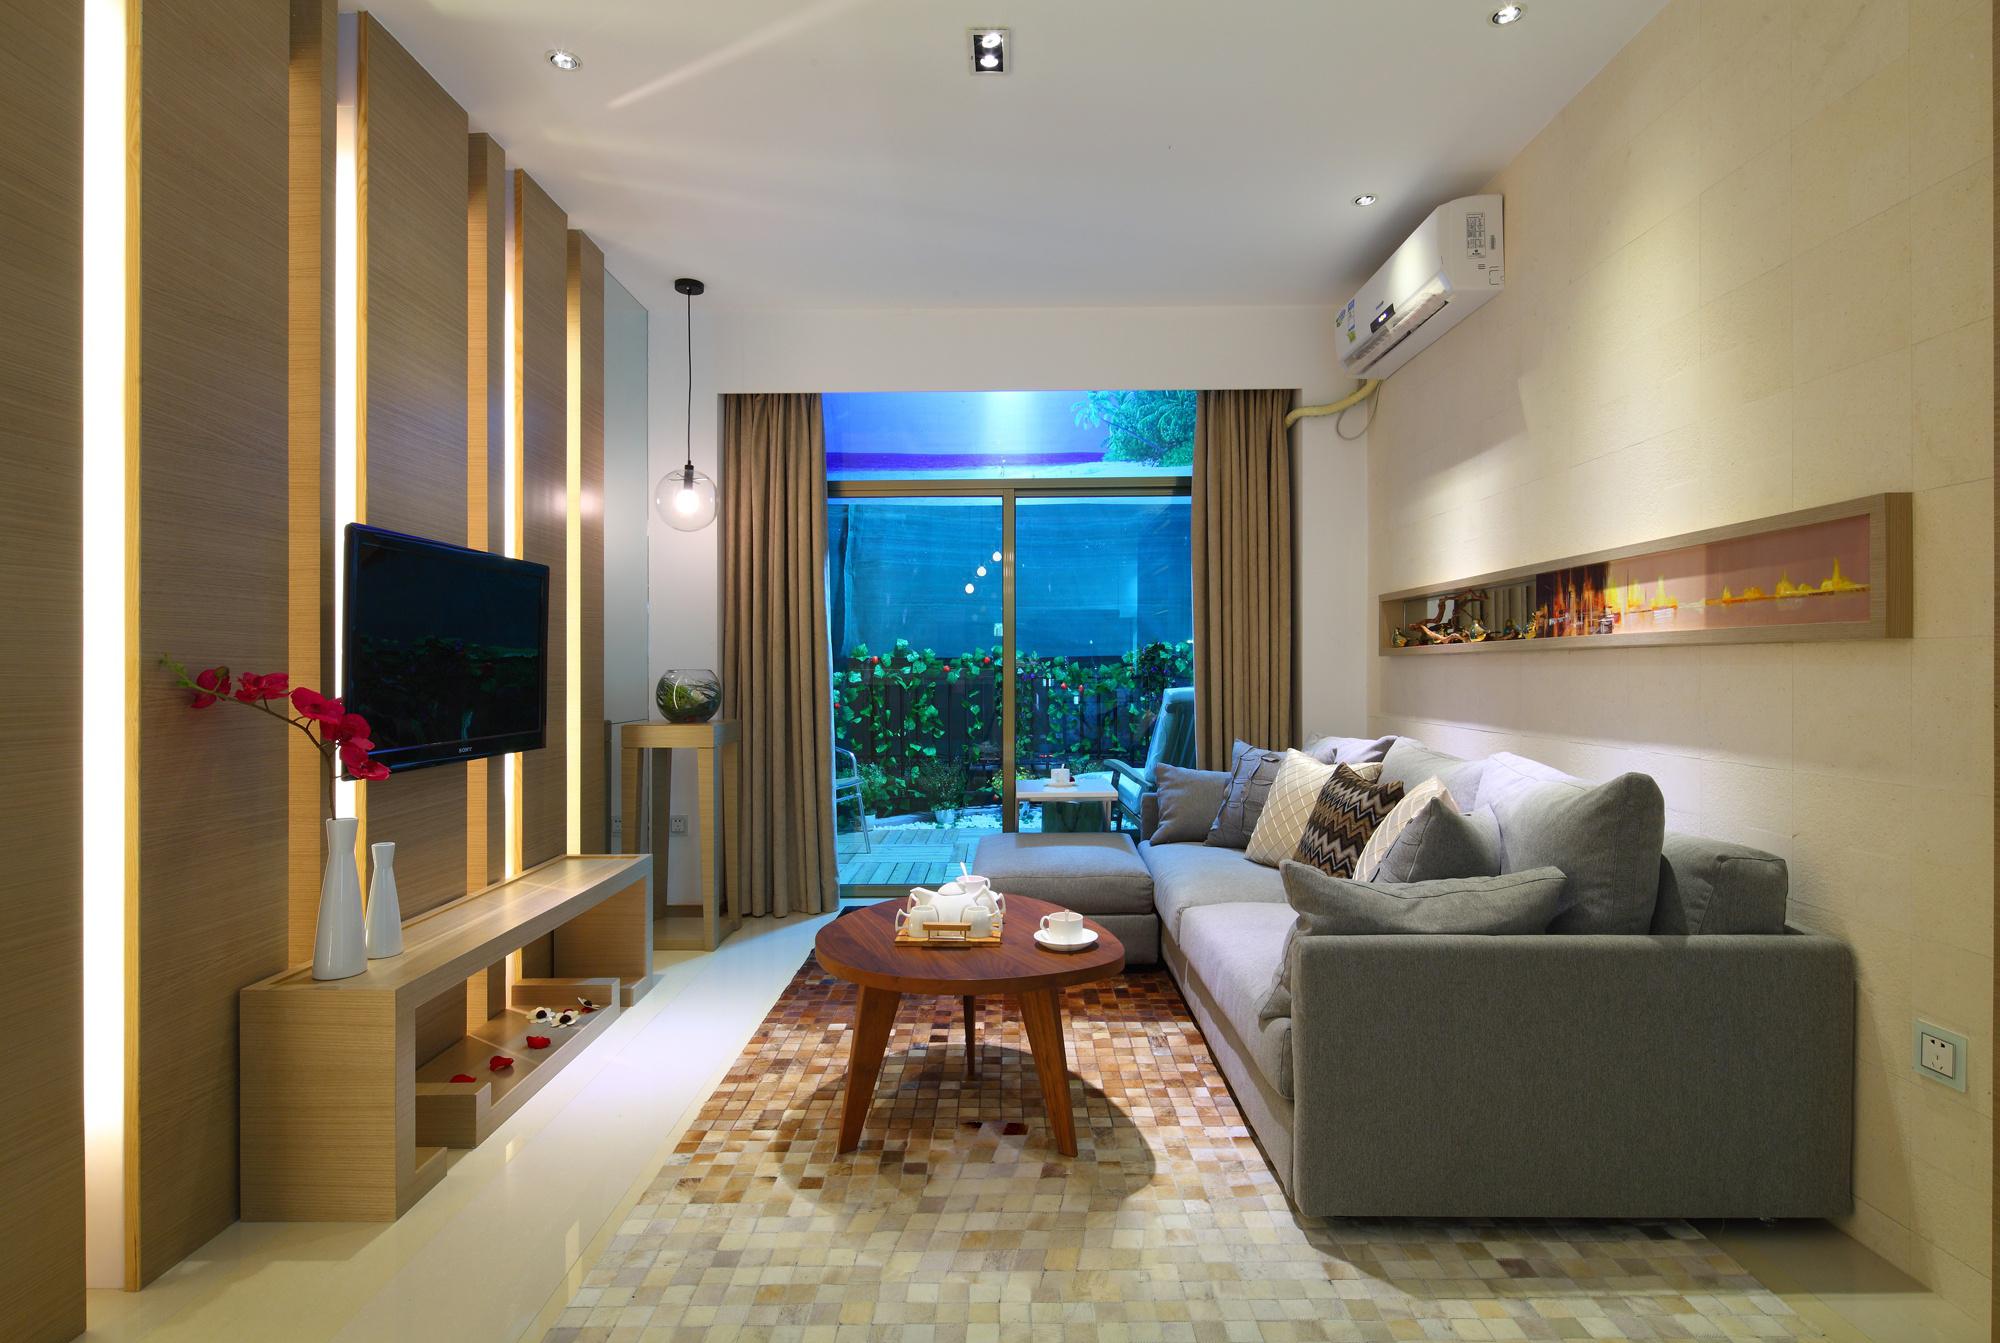 二居室现代简约客厅装修效果图